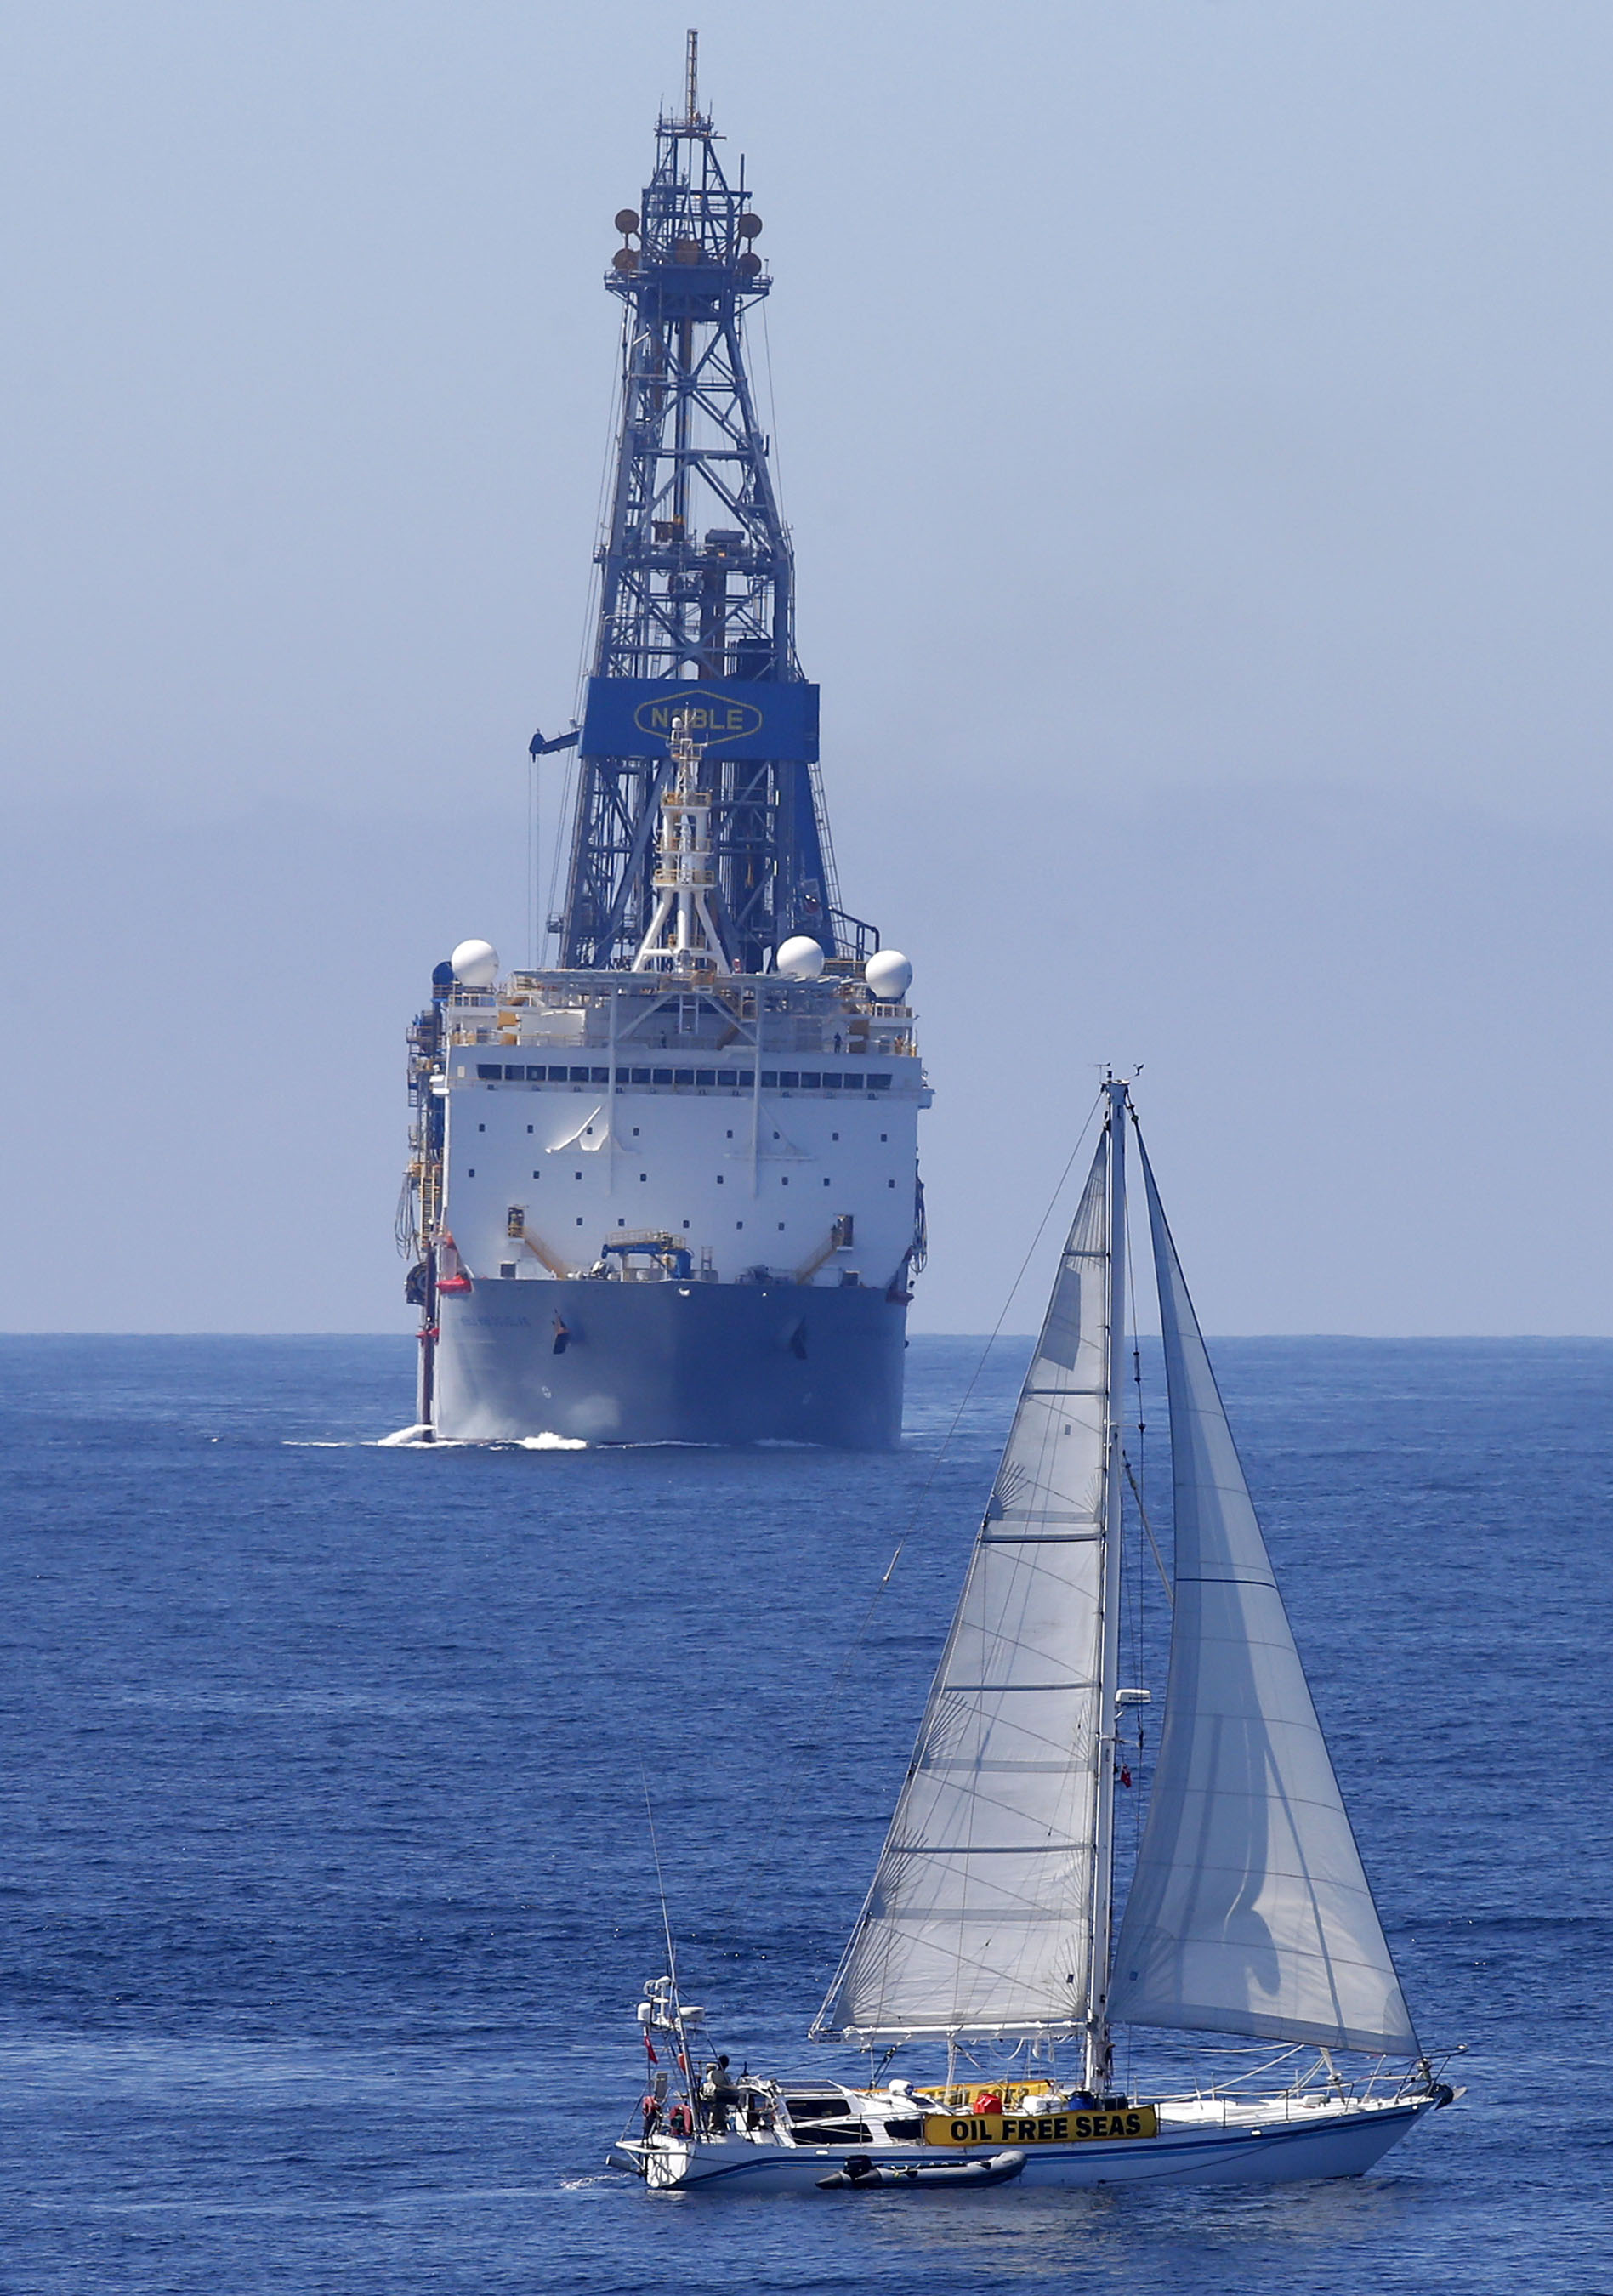 Oil Free Seas Flotilla, Oil Free Otago